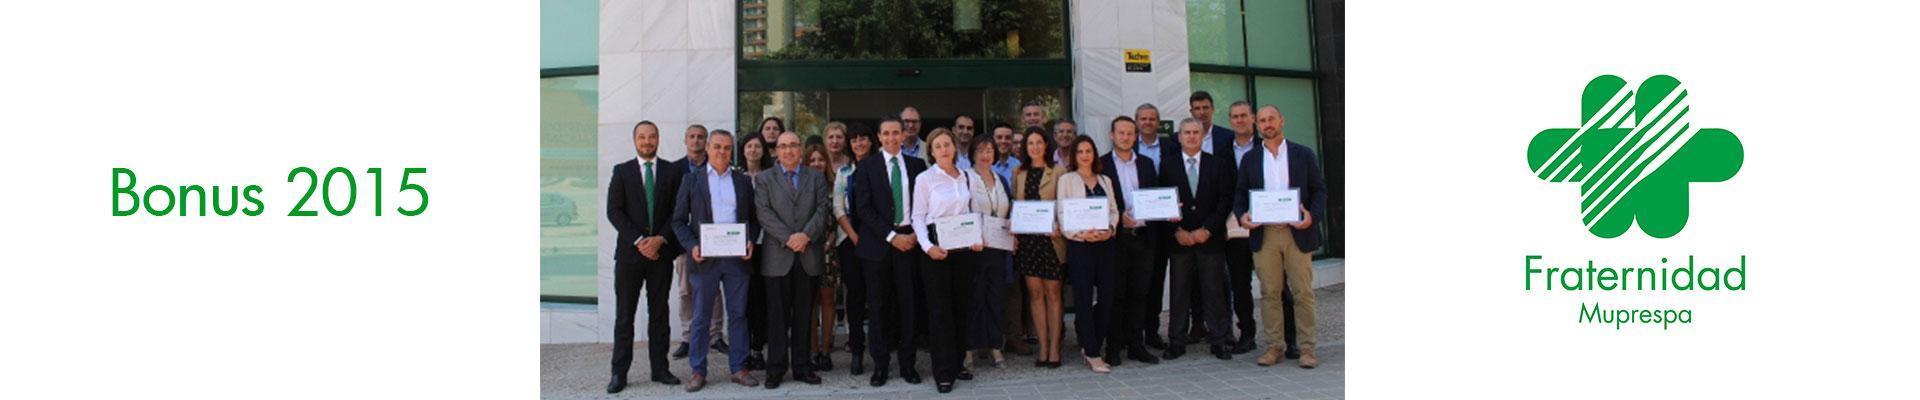 Fraternidad-Muprespa entrega reconocimientos Bonus a empresas de ...